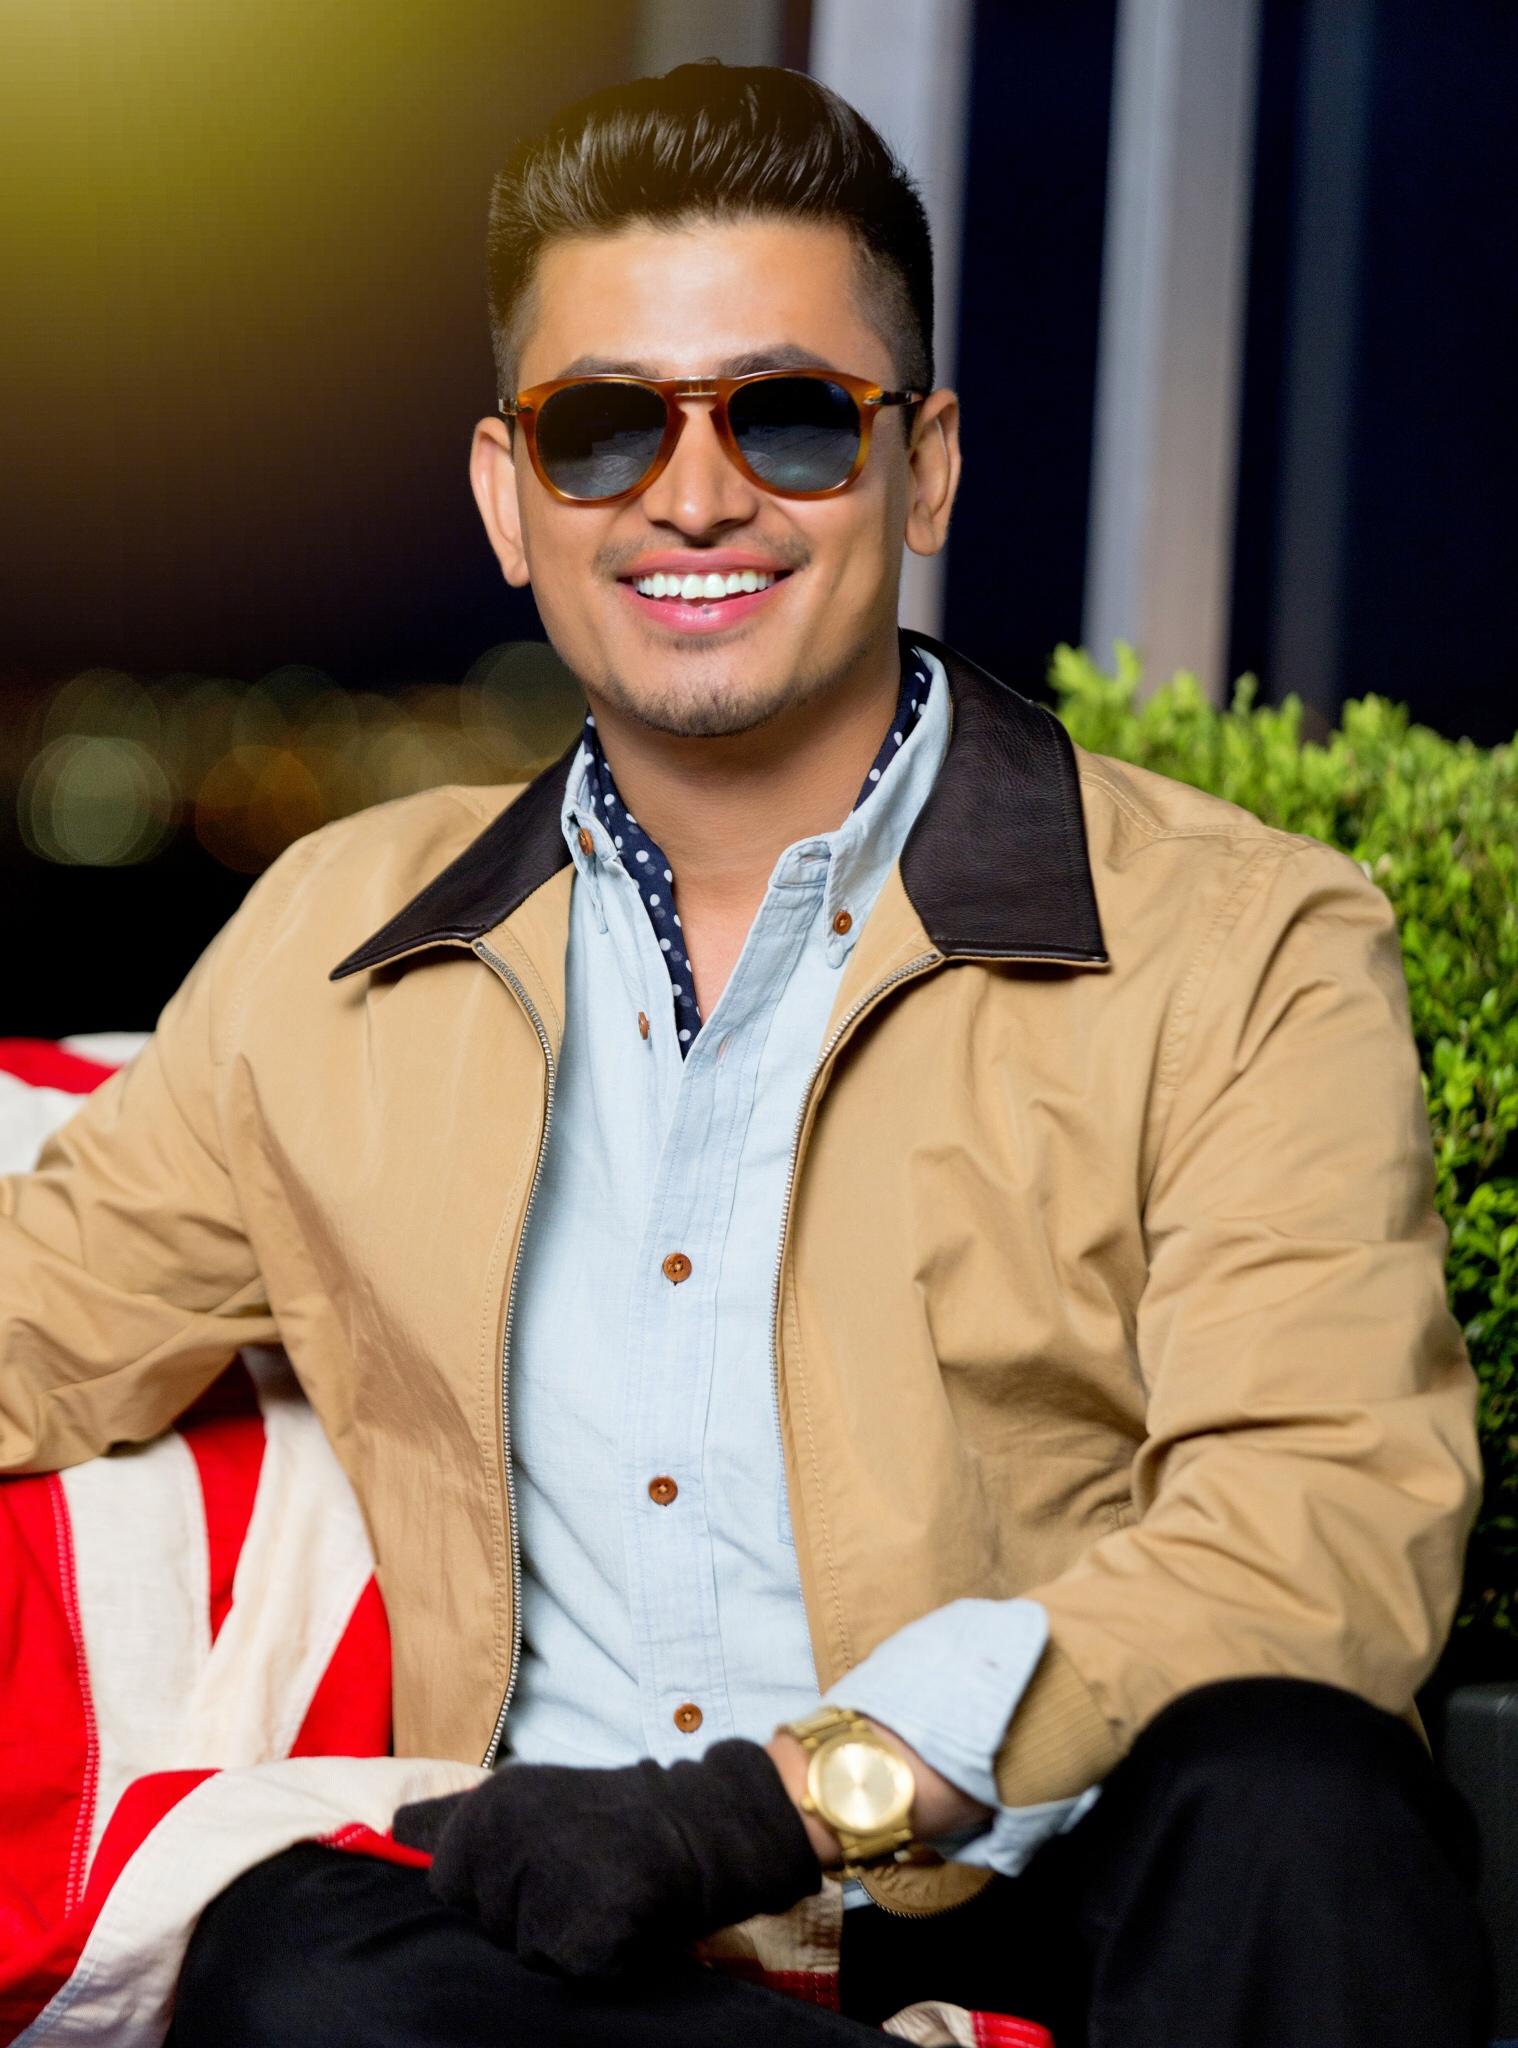 ed5f8f6b77 Persol s Steve McQueen™ Exclusive Sunglasses